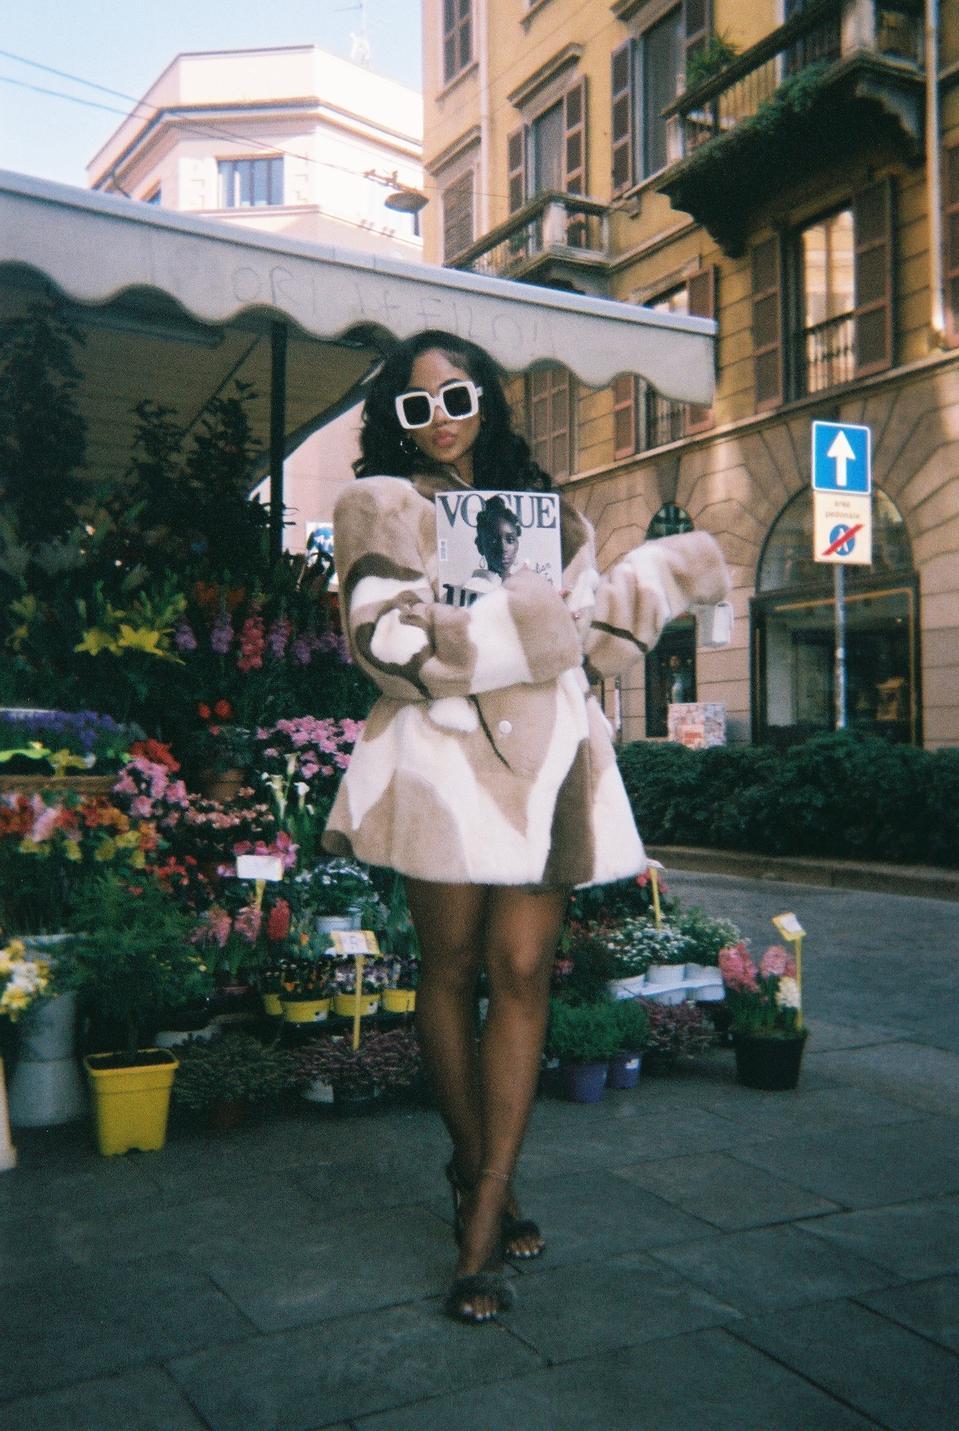 Saweetie holding Vogue Magazine in front of flower shop in Milan - during Milan Fashion week